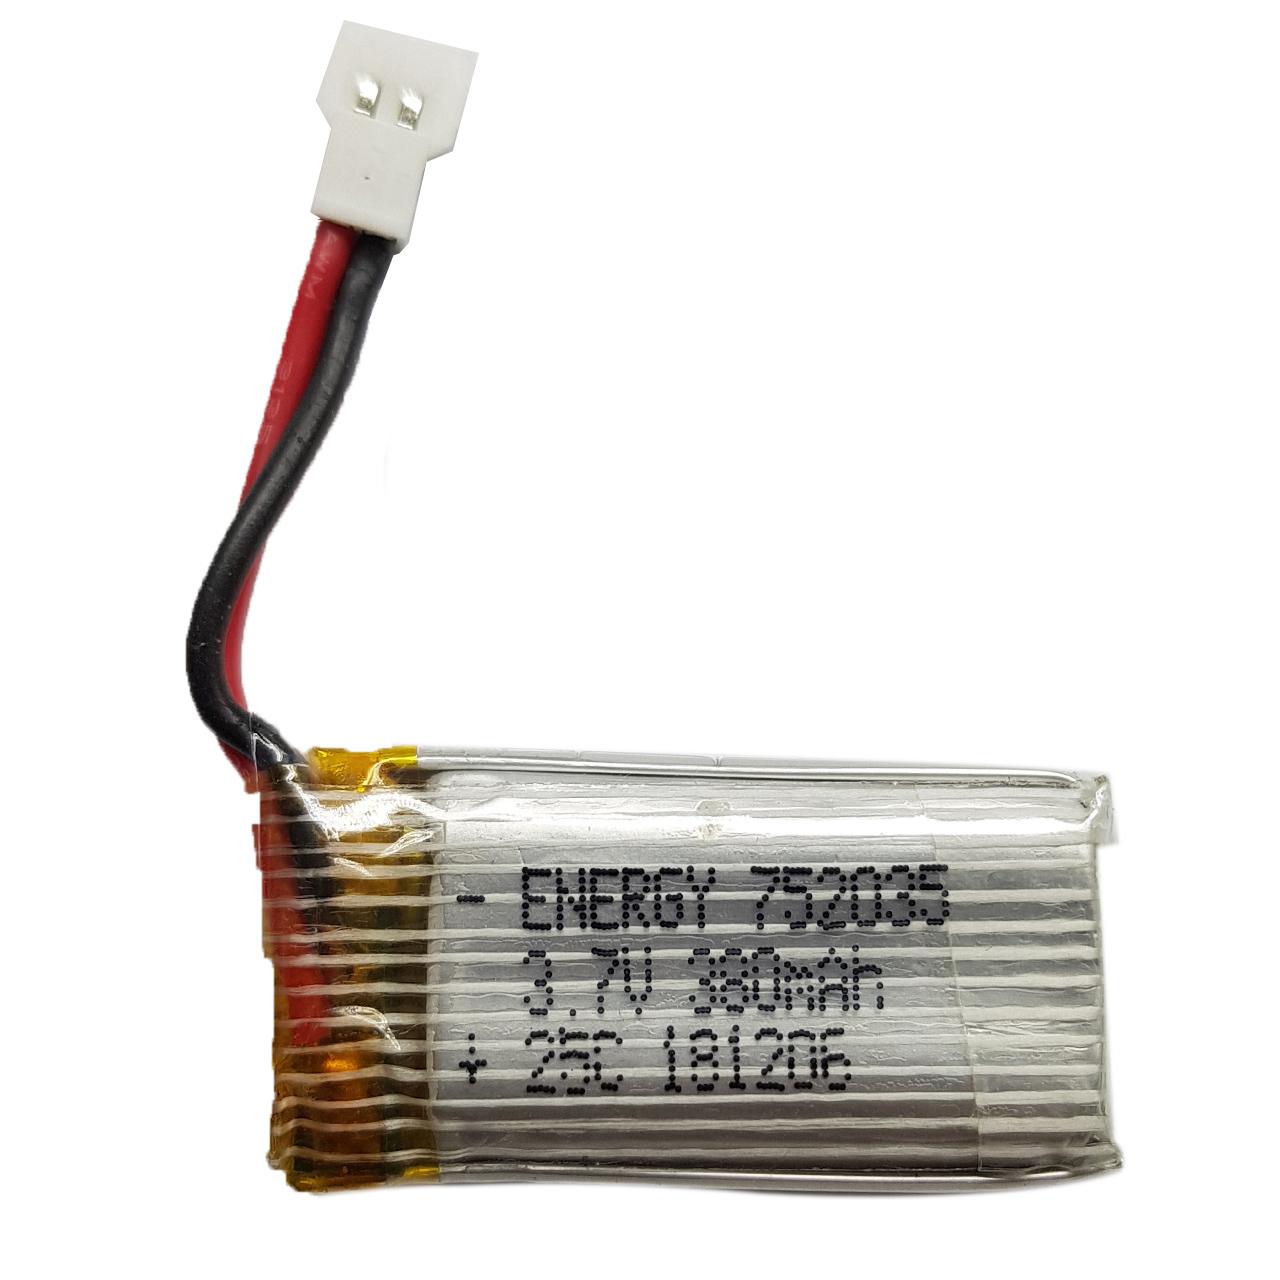 باتری لیتیومی مدل HP-752035 ظرفیت 380 میلی آمپر ساعت